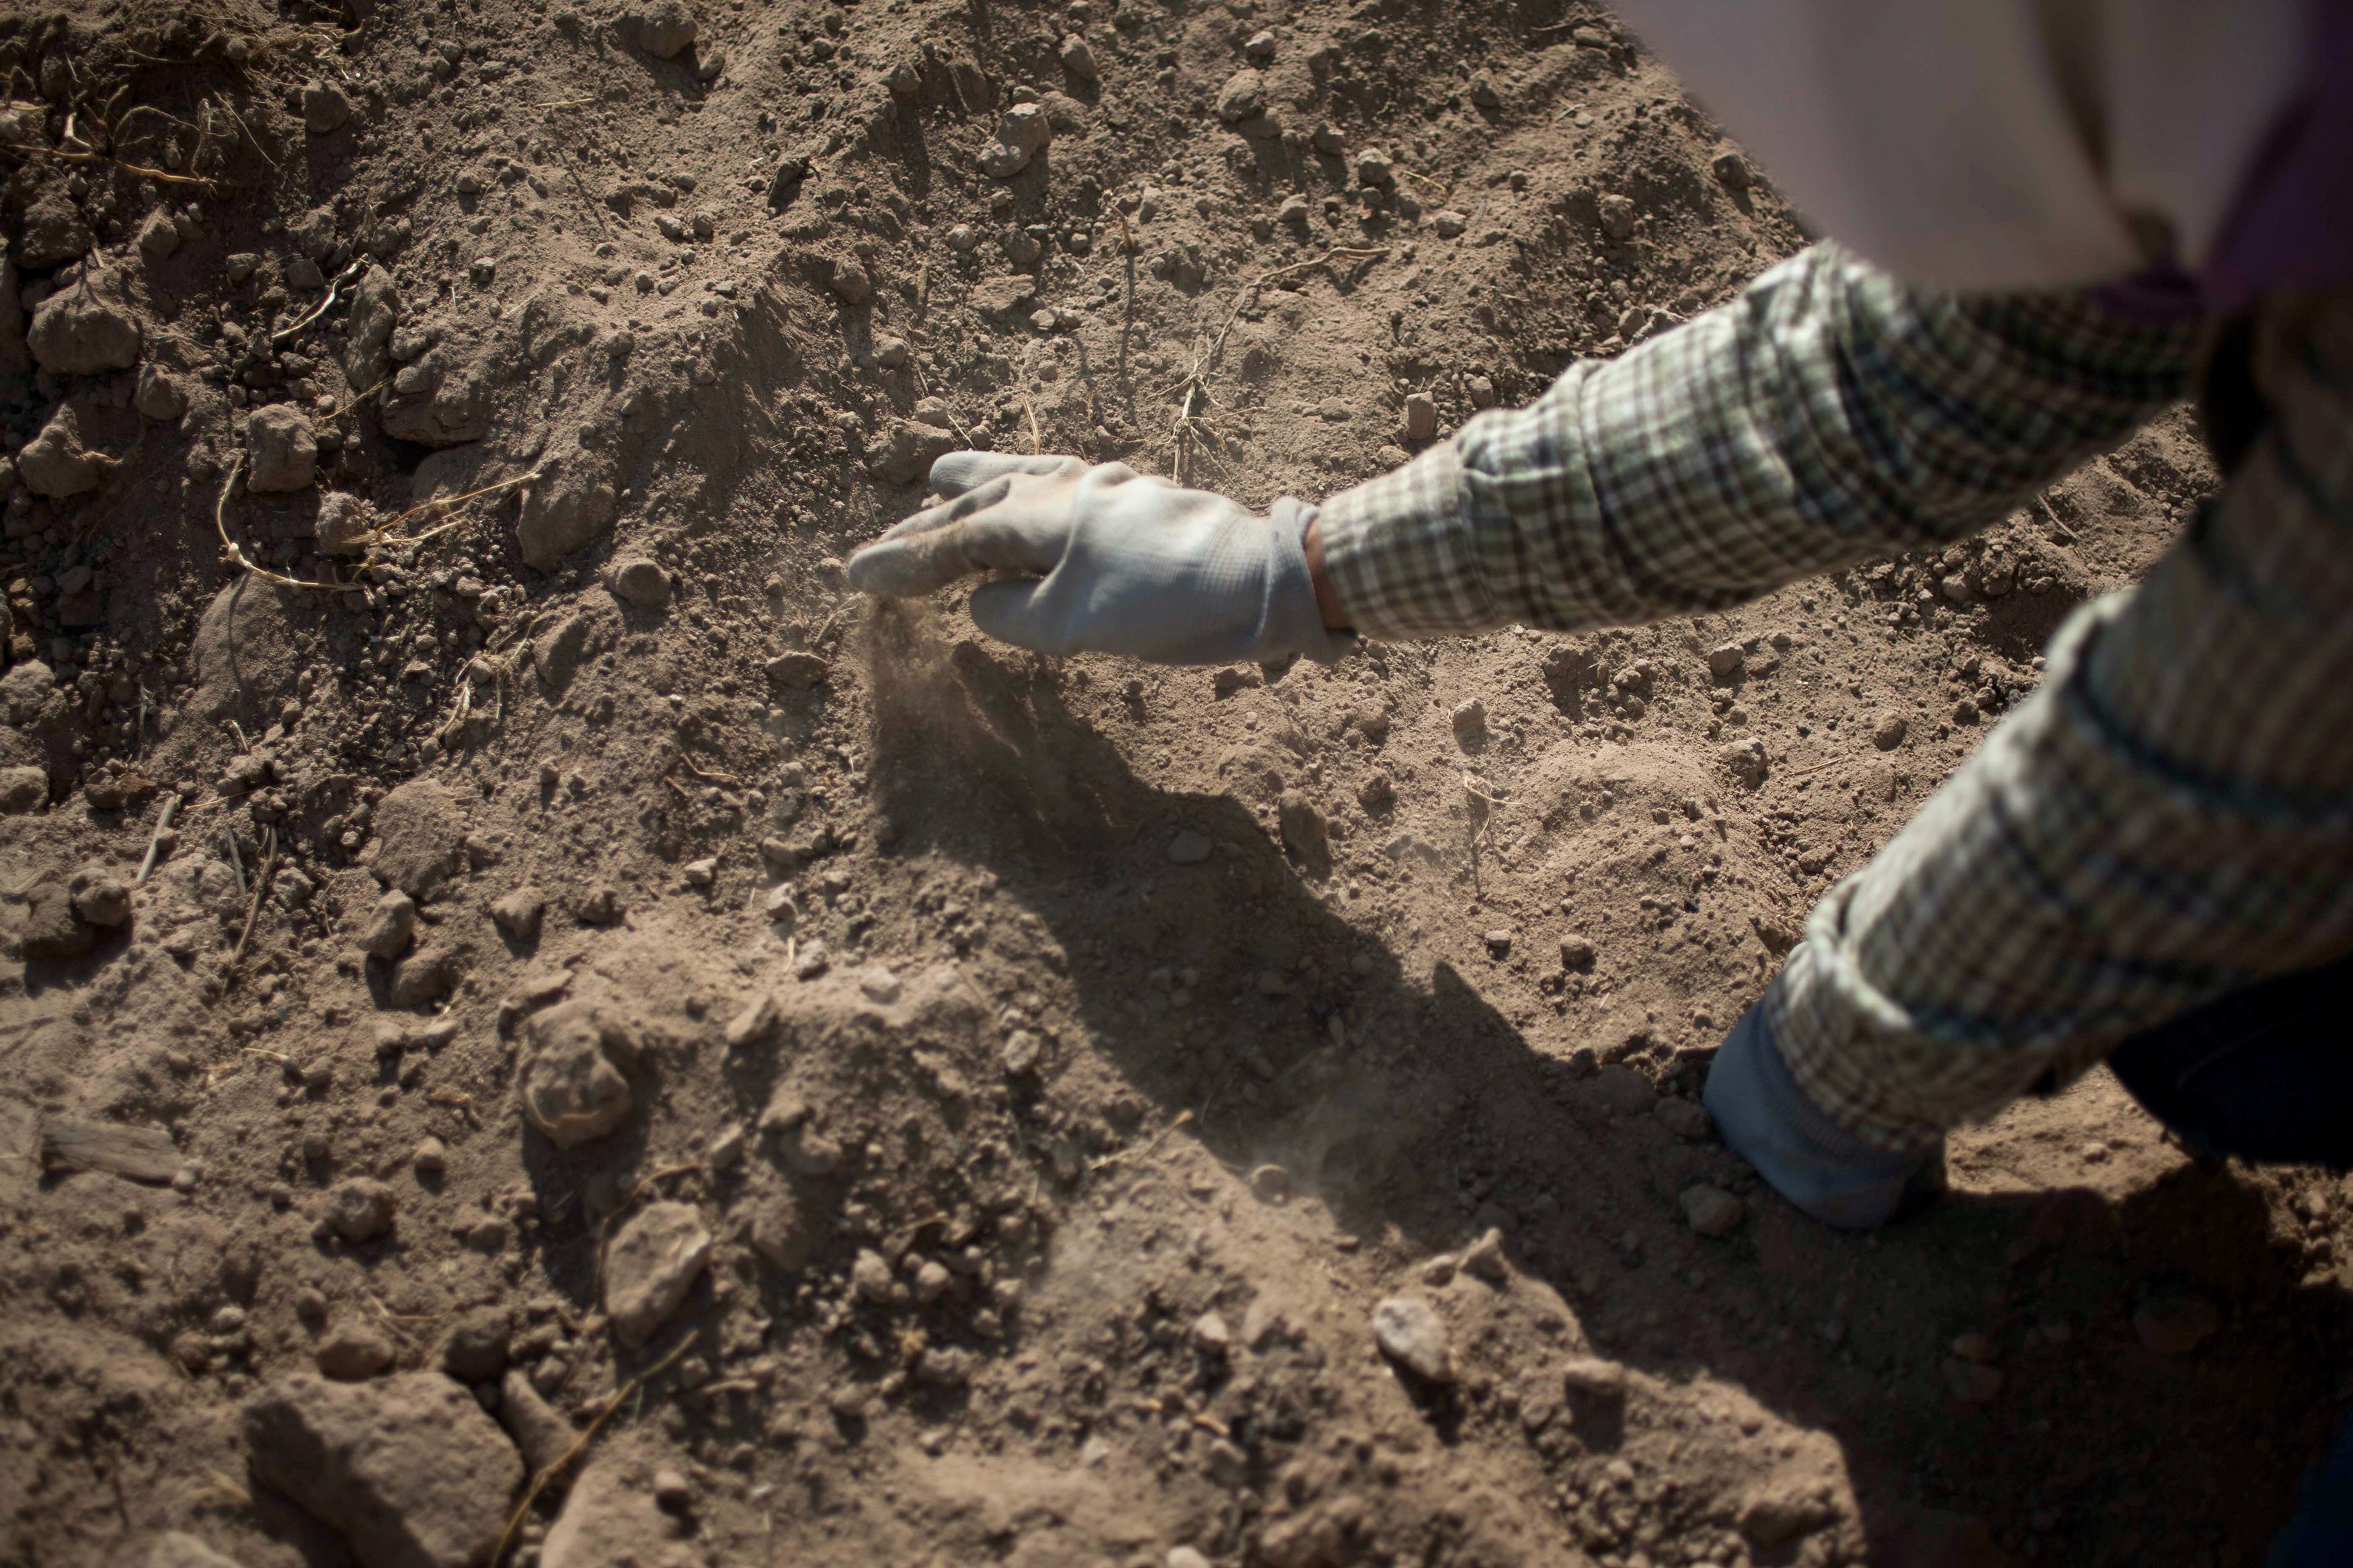 """Silvia Ortiz busca a su hija Fanny, quien desapareció en Torreón, Coahuila, en 2004. Formó el grupo Vida para buscar en las """"cocinas"""" de los zetas y en las casas de seguridad, recolectando los pequeños trozos de huesos que no recolectan los peritos. foto: Mónica González"""